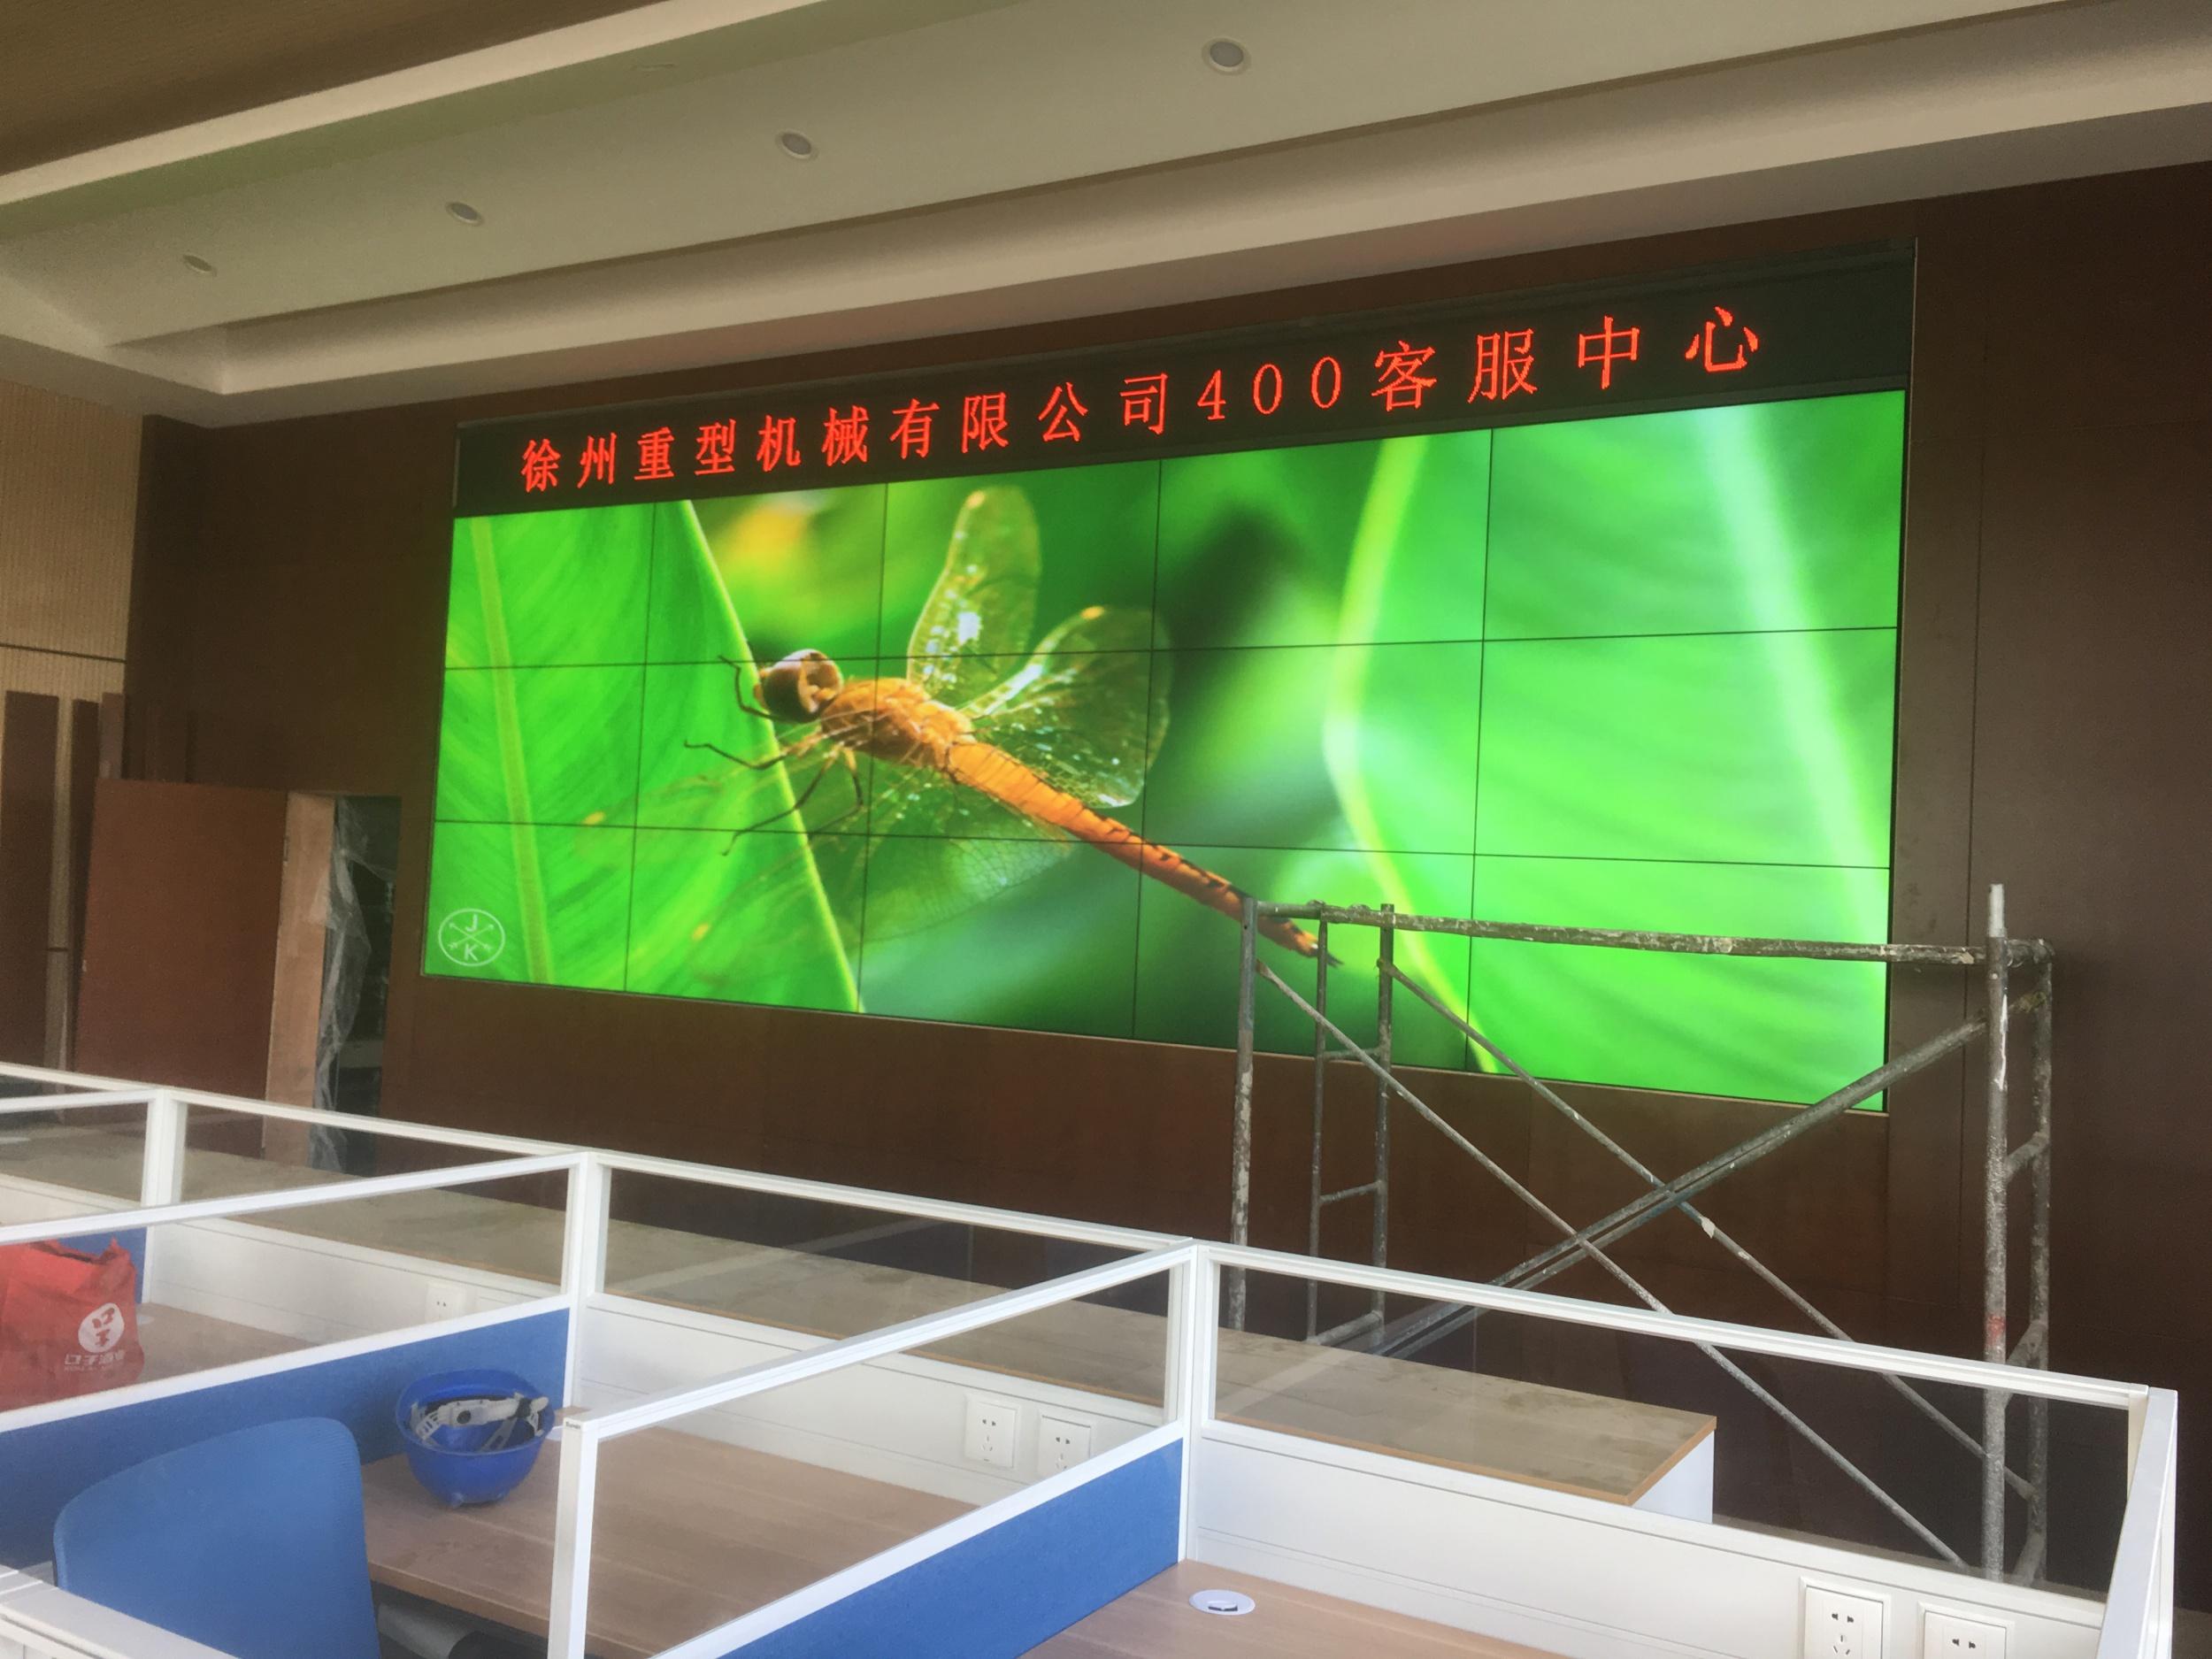 久屏显示55寸液晶拼接屏应用于徐州徐工集团